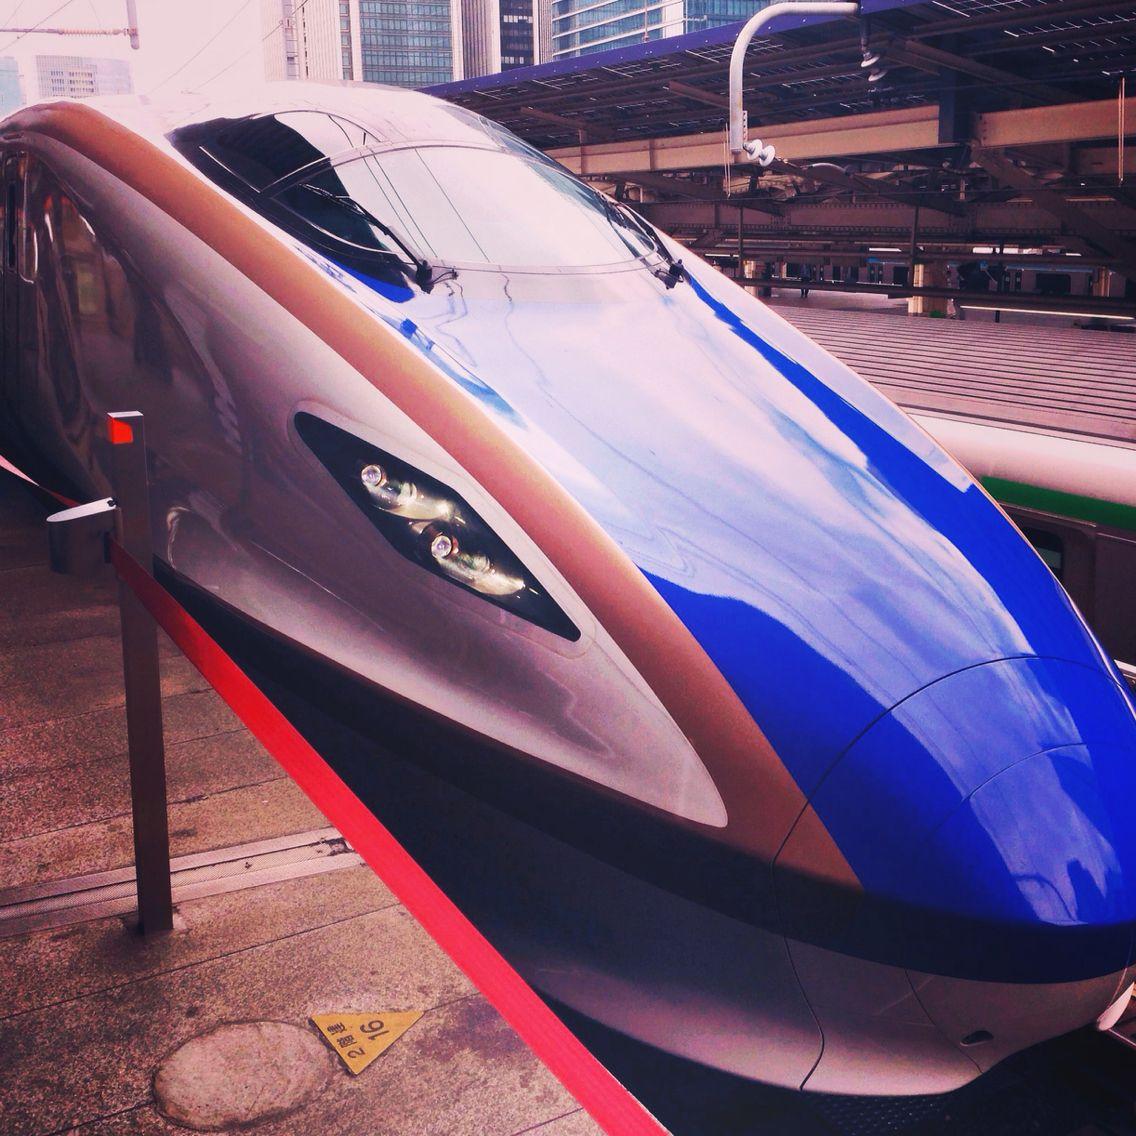 #shinkansen #かがやき #tokyo